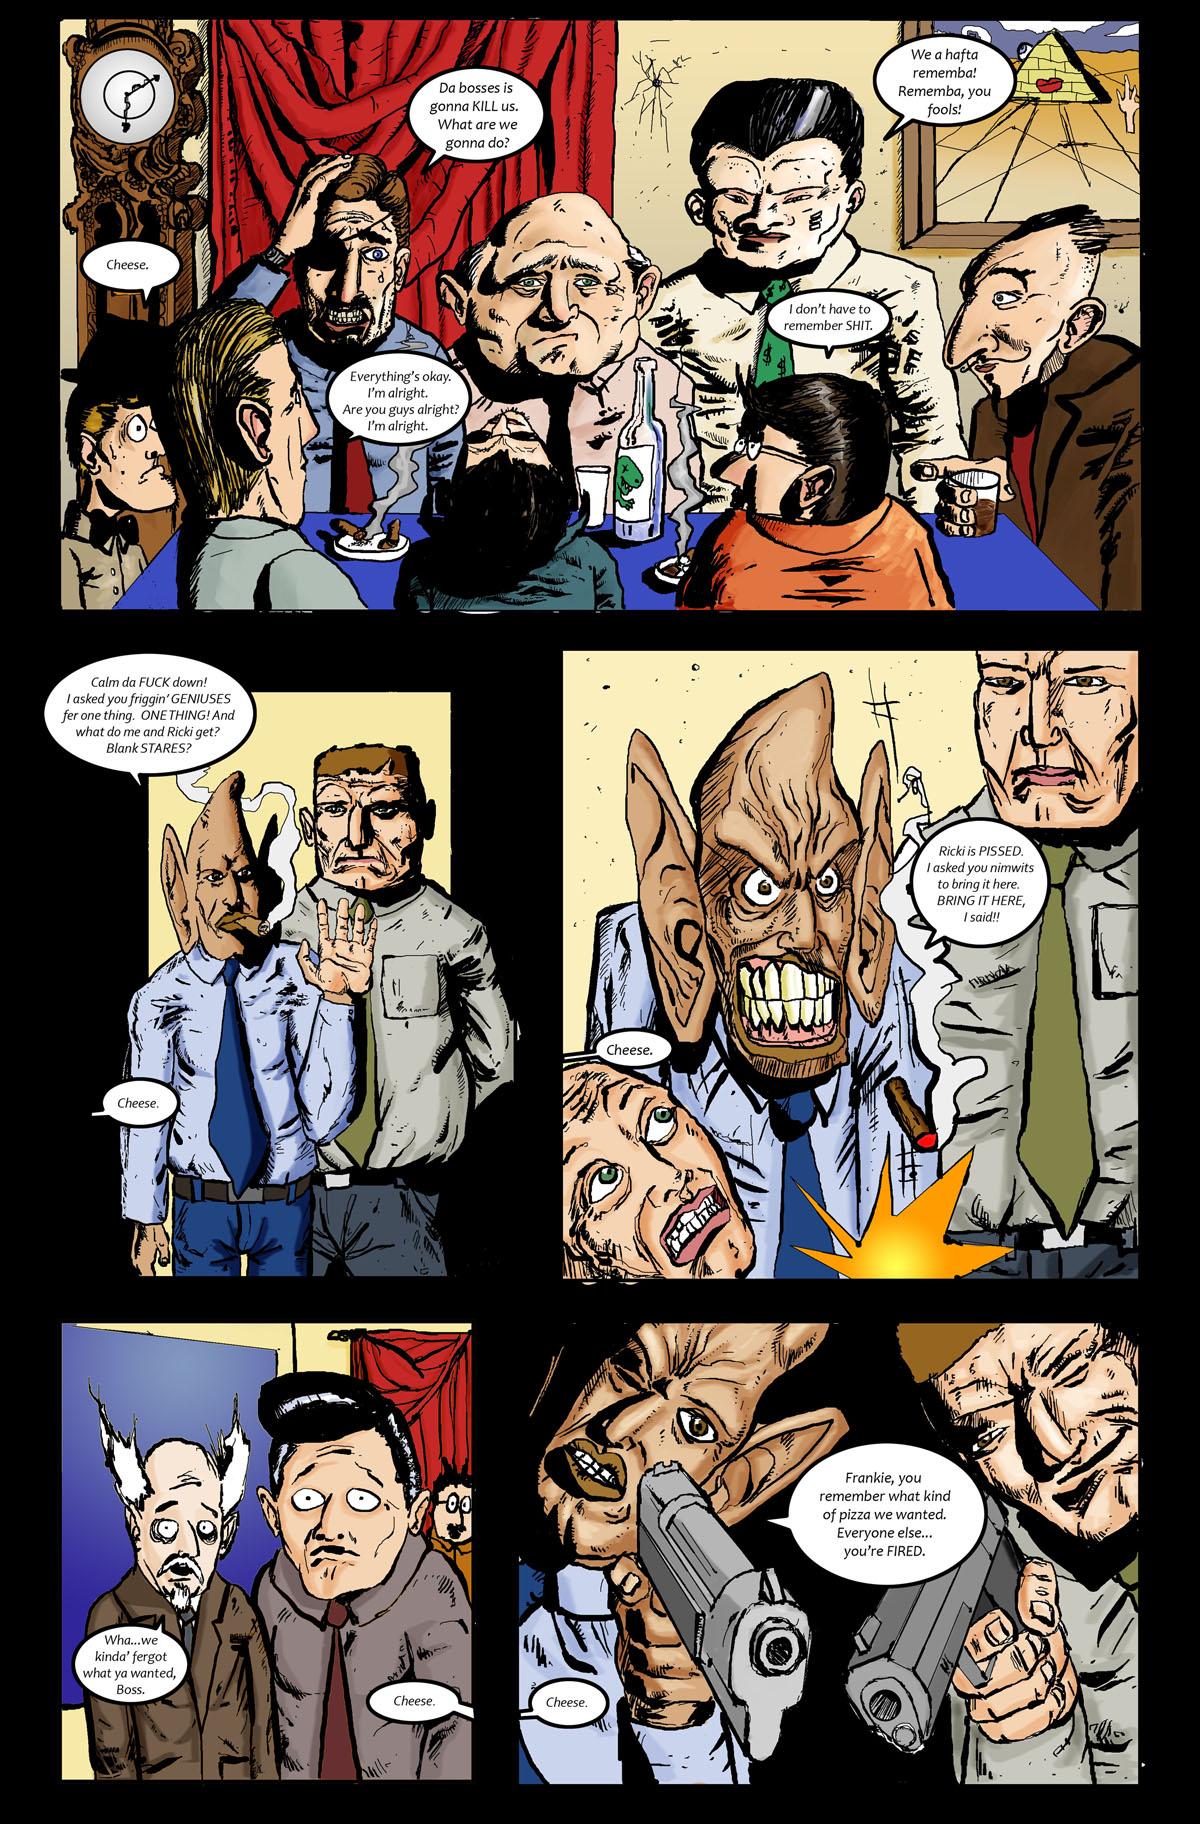 Ricki n' Jon page 3